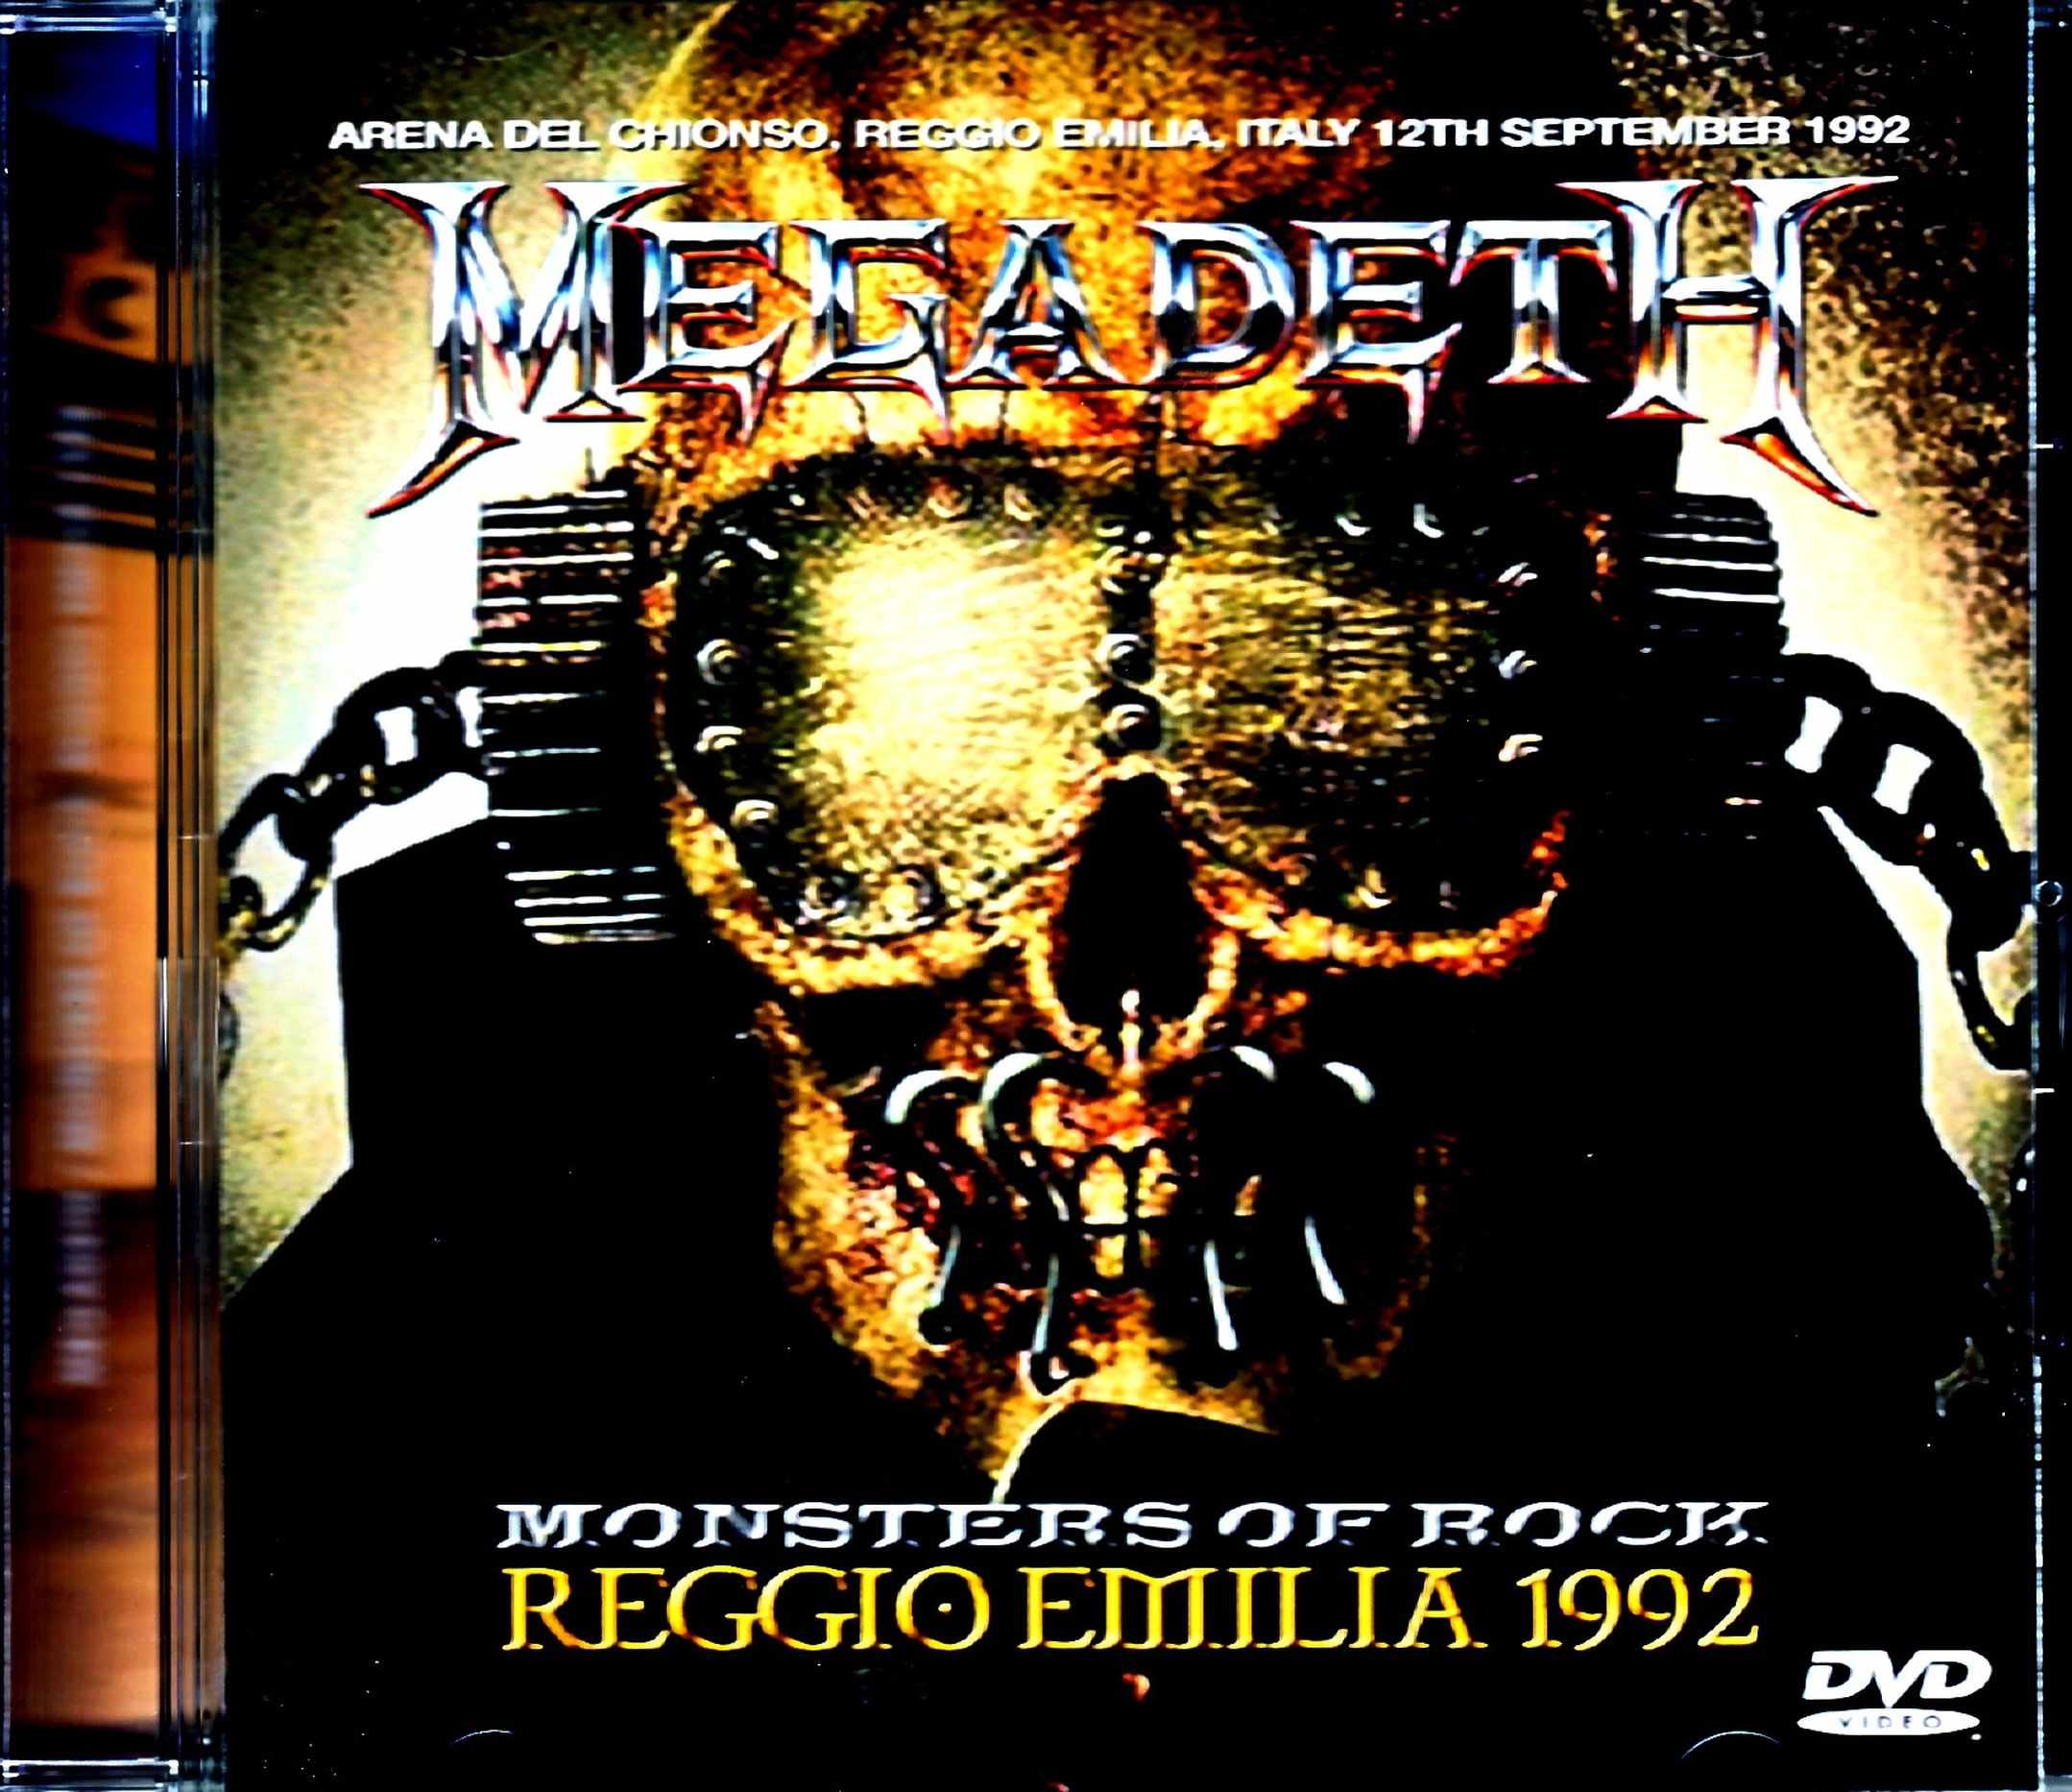 Megadeth メガデス/Italy 1992